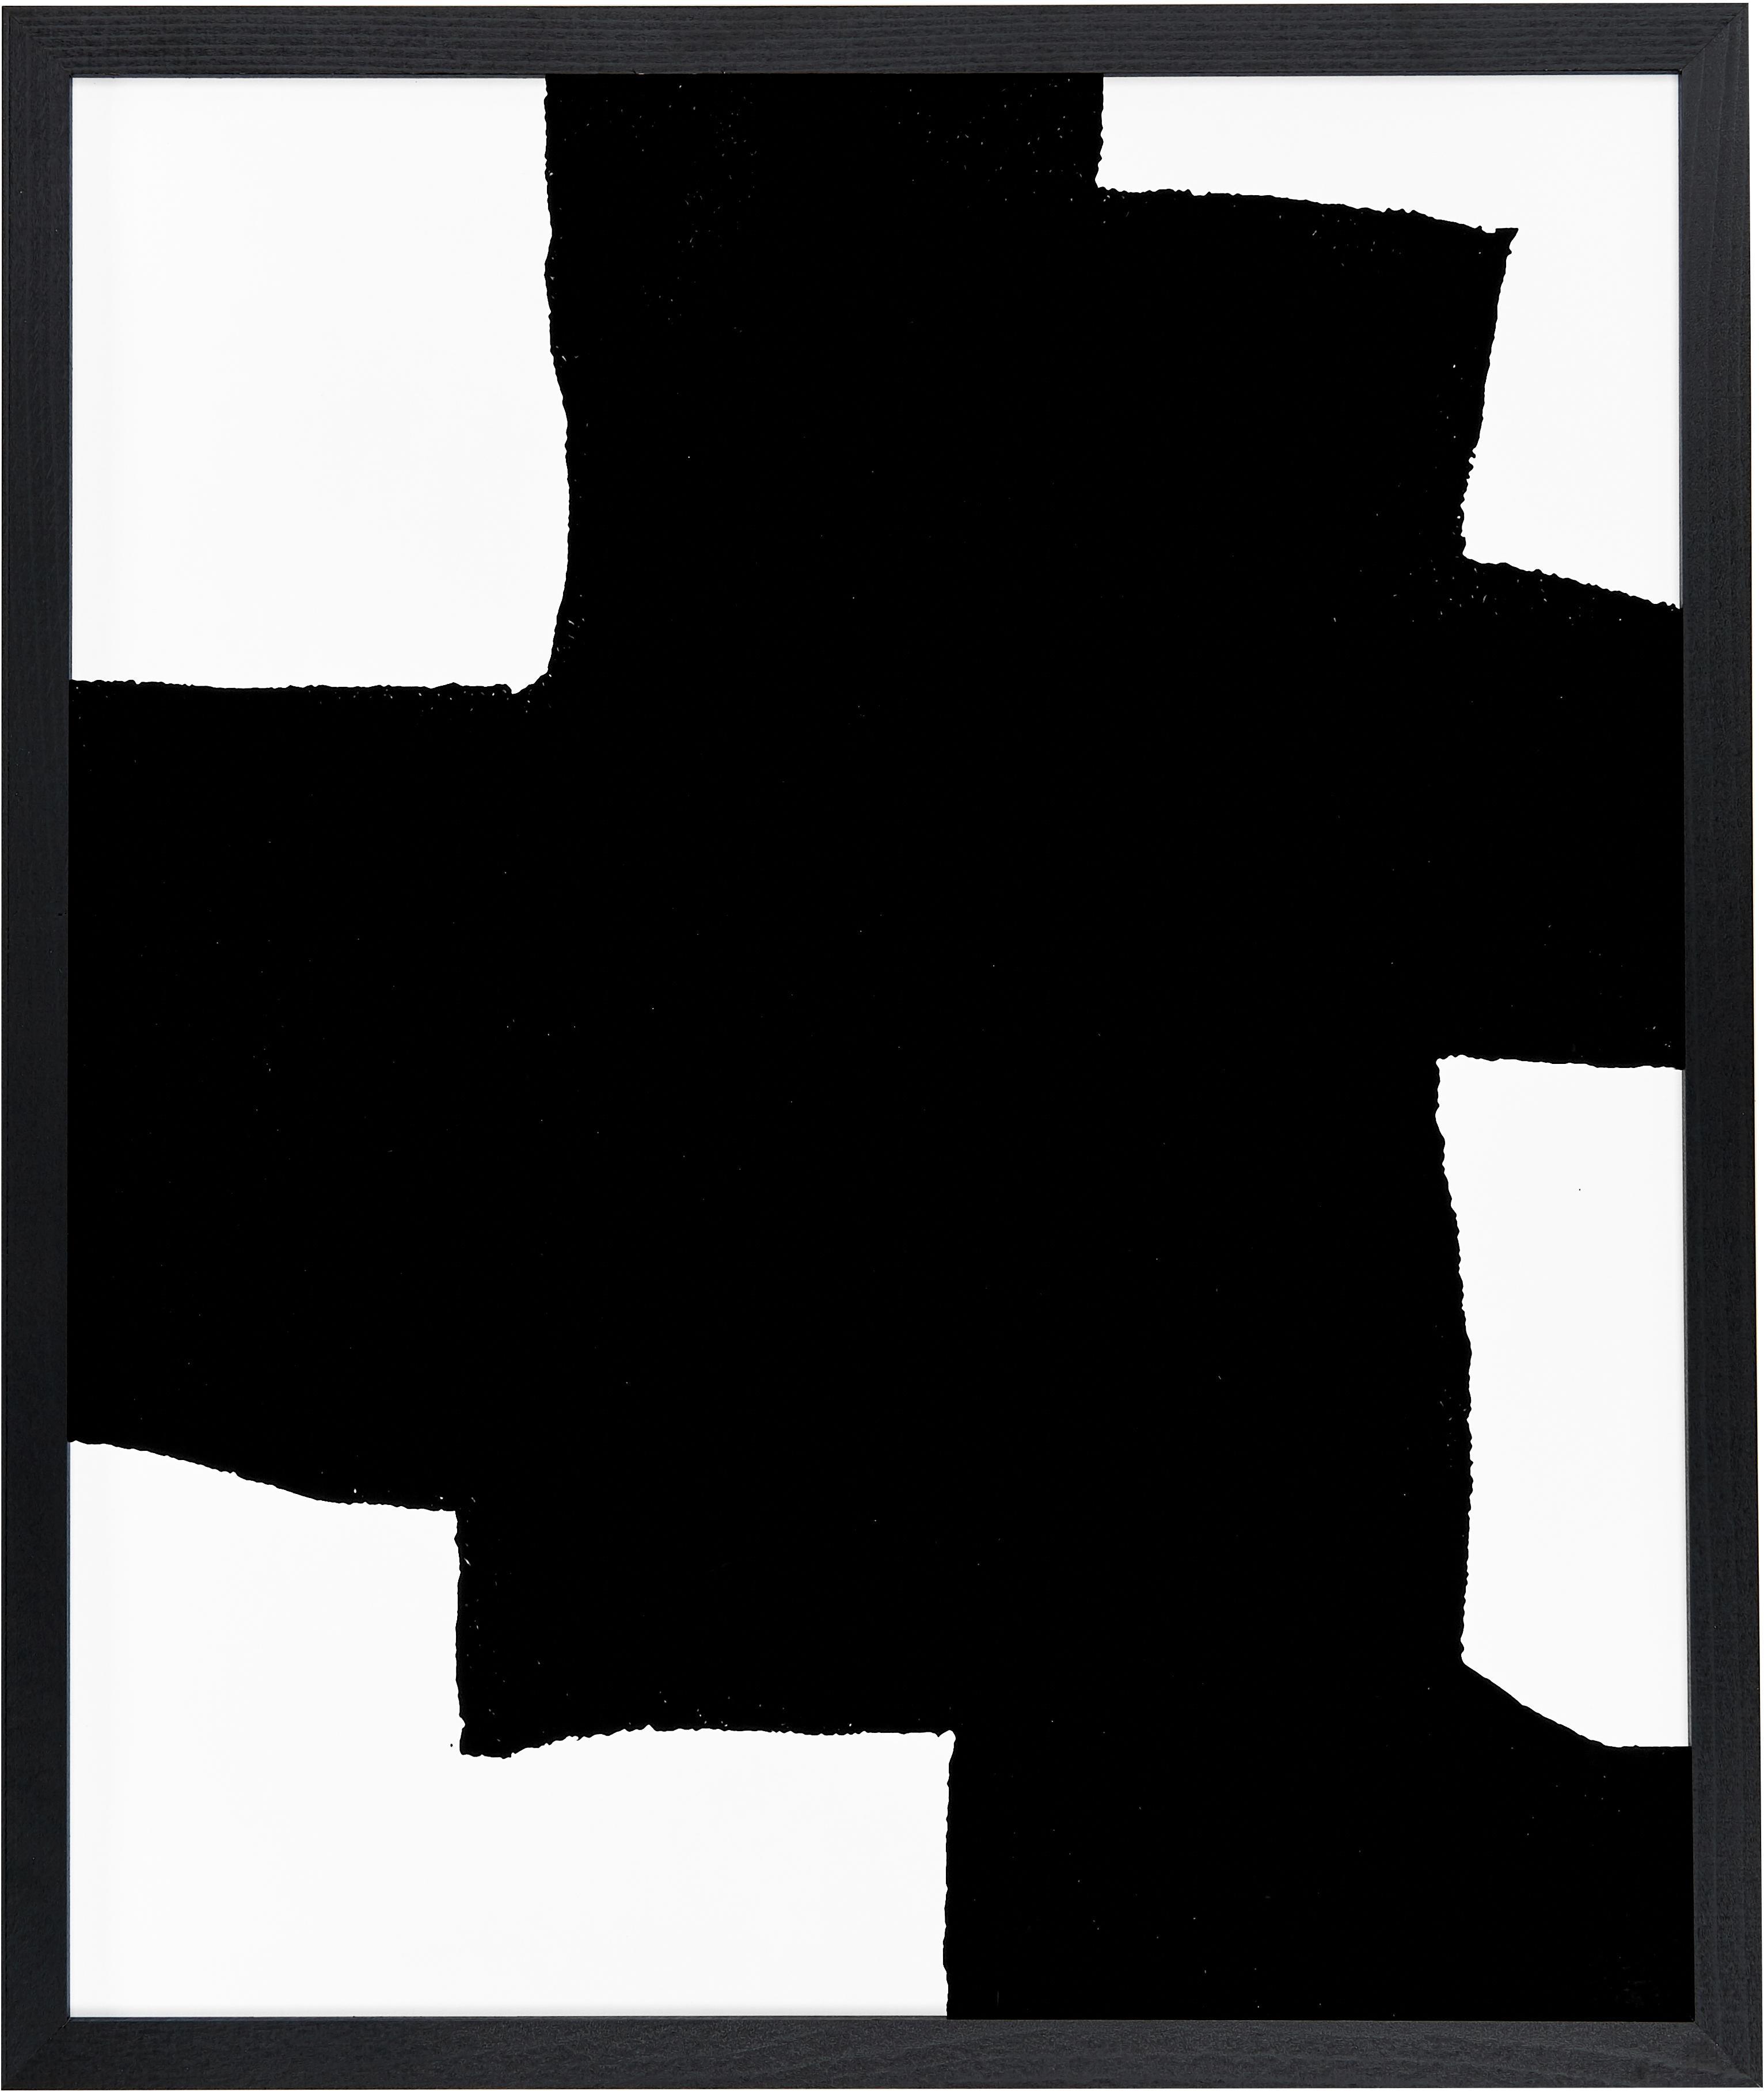 Ingelijste digitale print From Above, Afbeelding: digitale print op papier,, Lijst: gelakt beukenhout, Zwart, wit, 53 x 63 cm